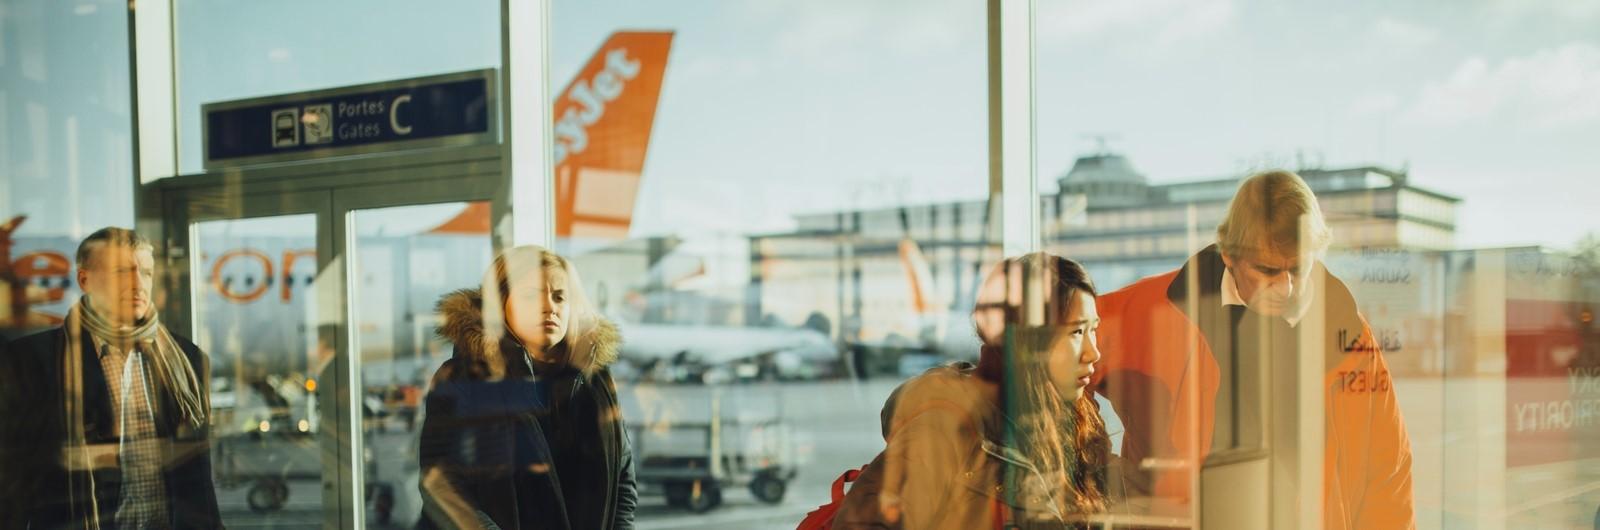 airport generic 23